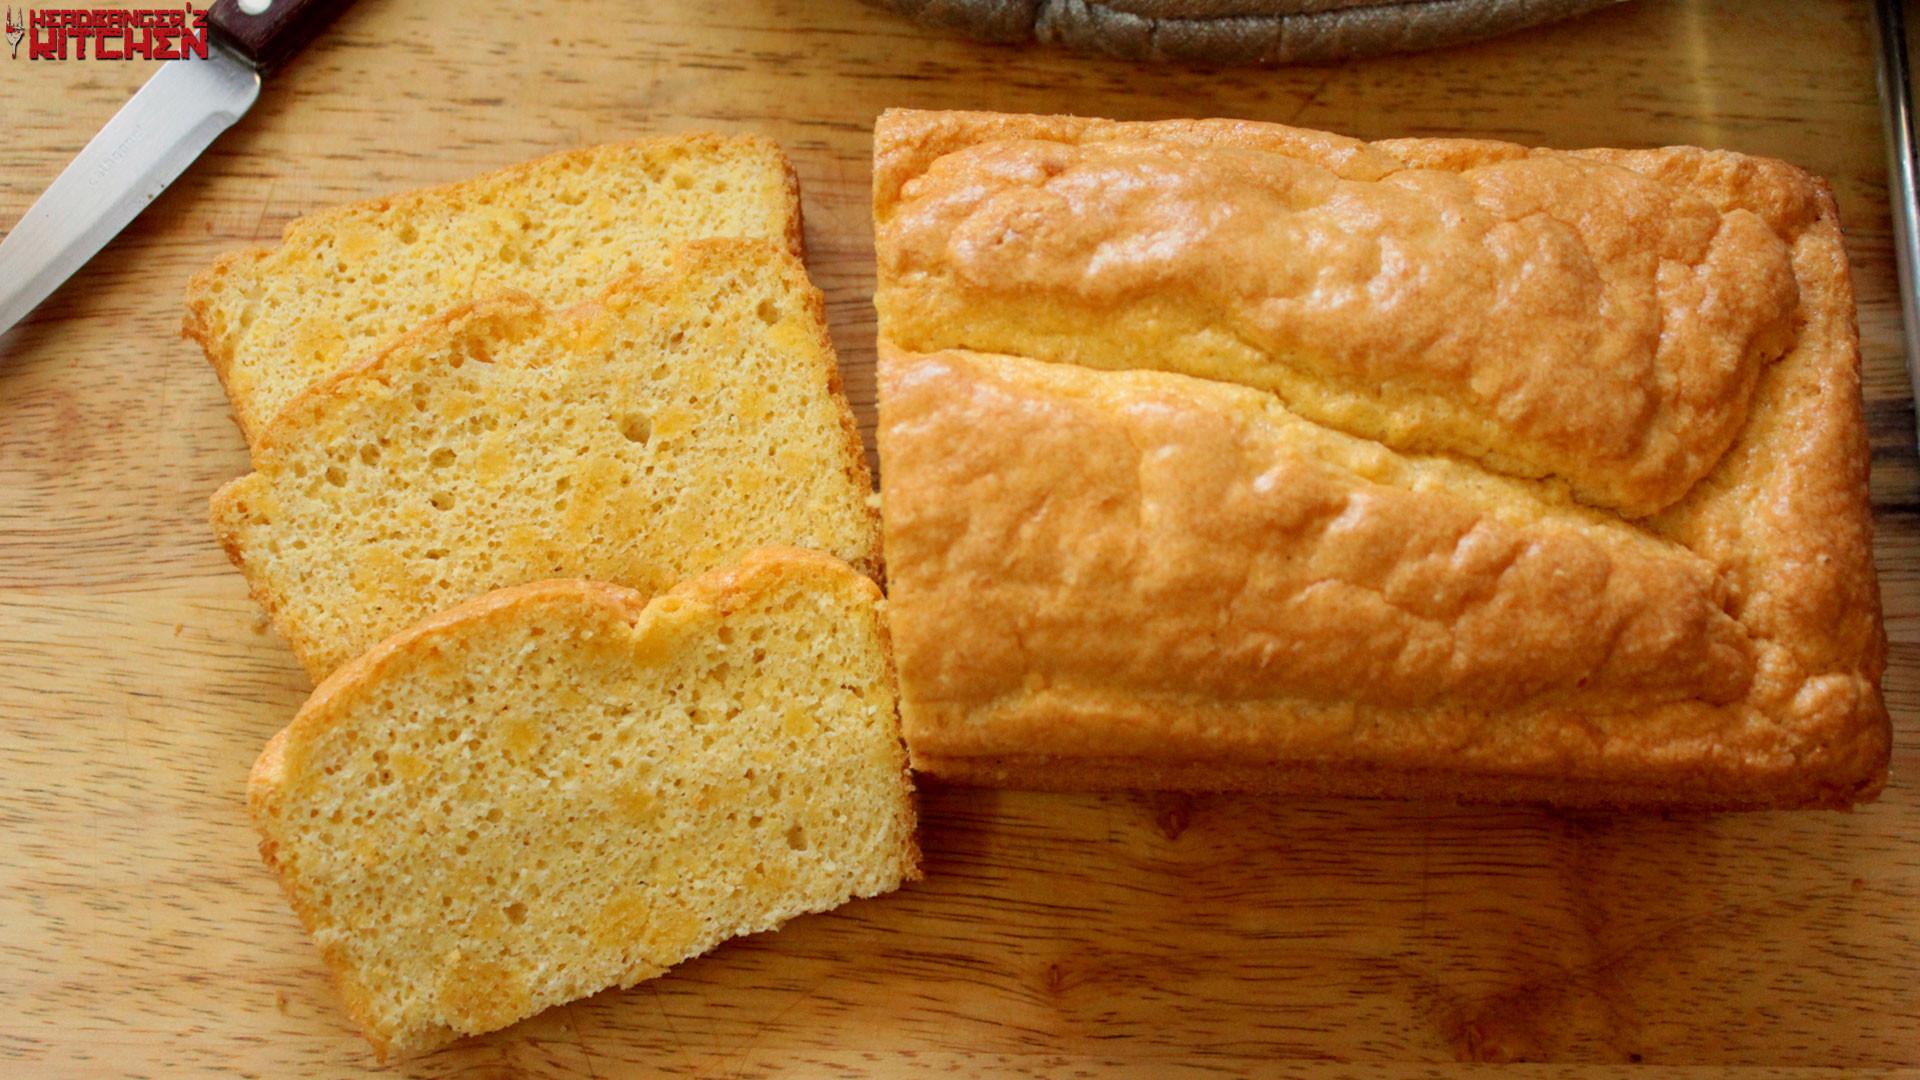 Keto Bread Machine Recipe  Making a Keto Bread Ketoconnect s Low Carb Bread Recipe